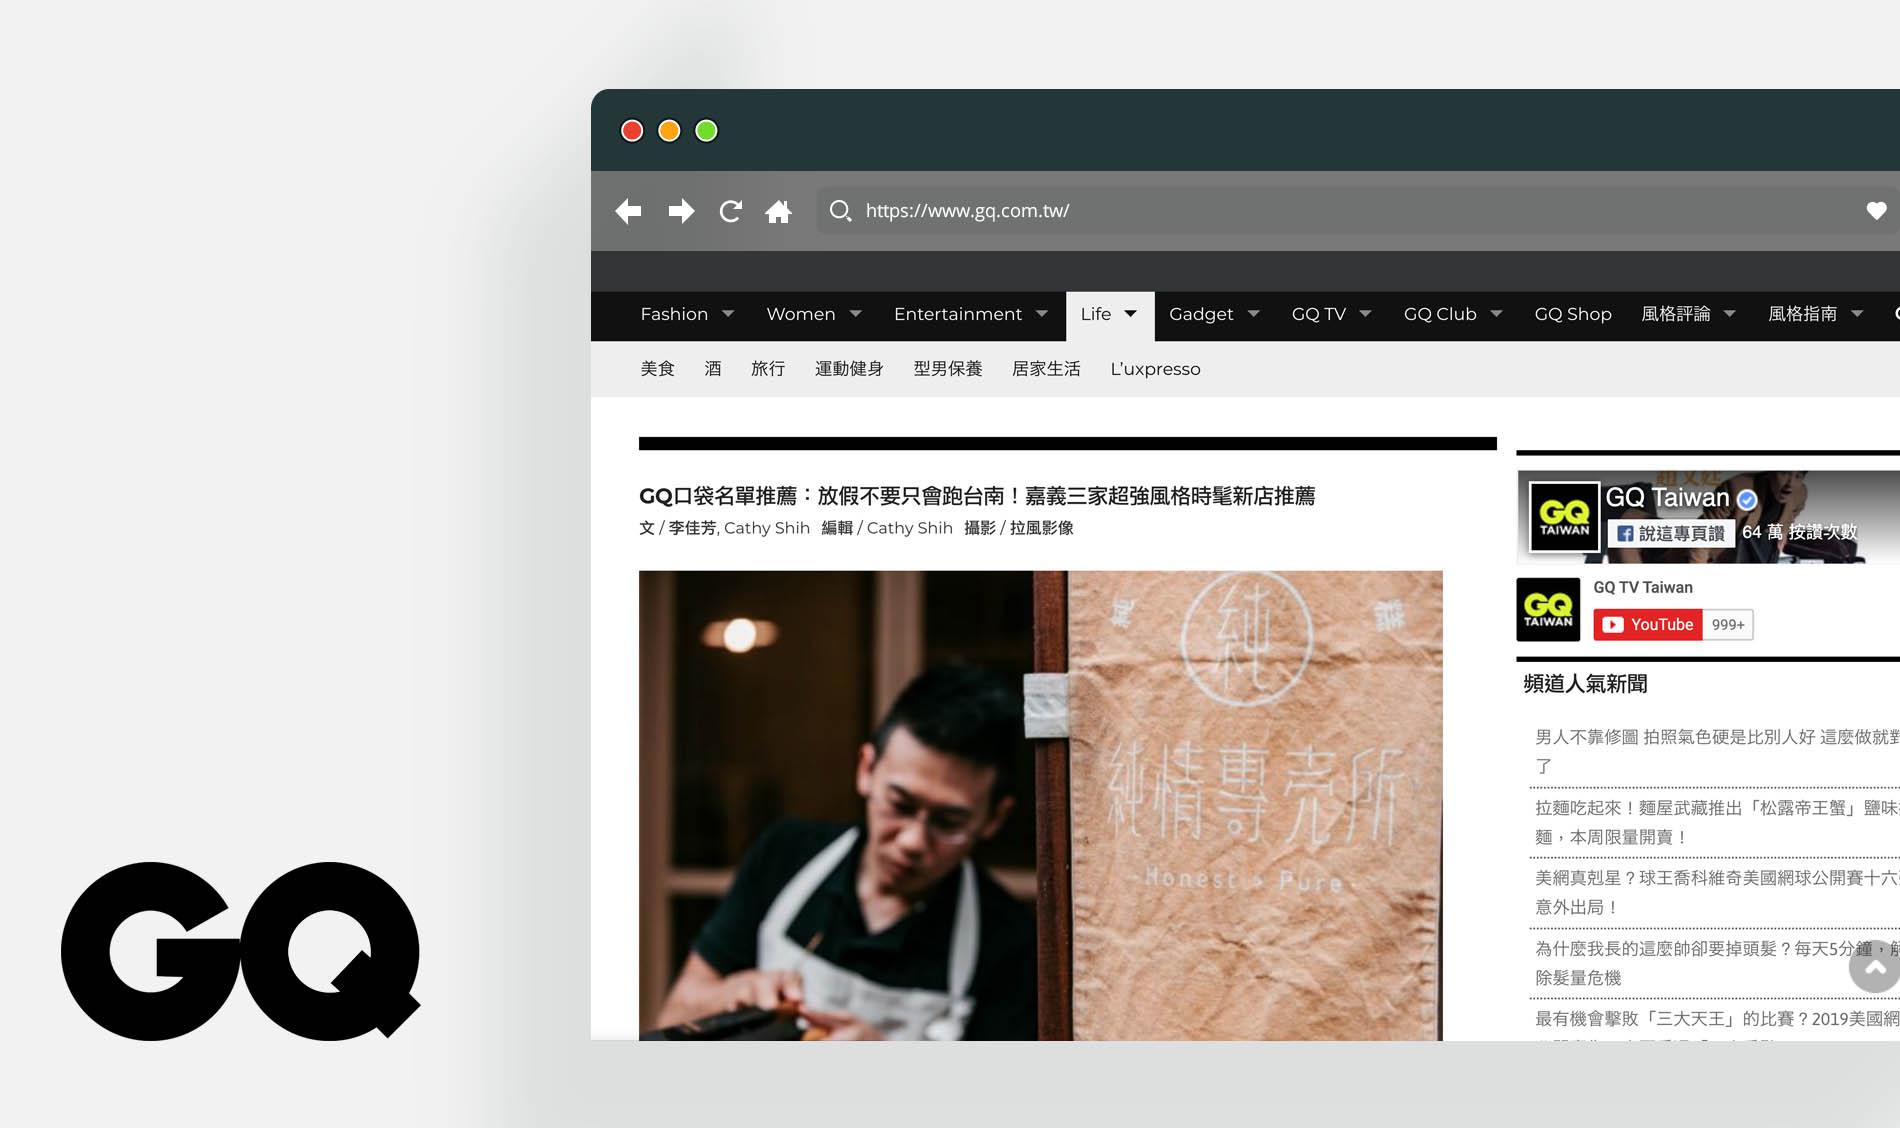 純情專売所 | 官方網站 1